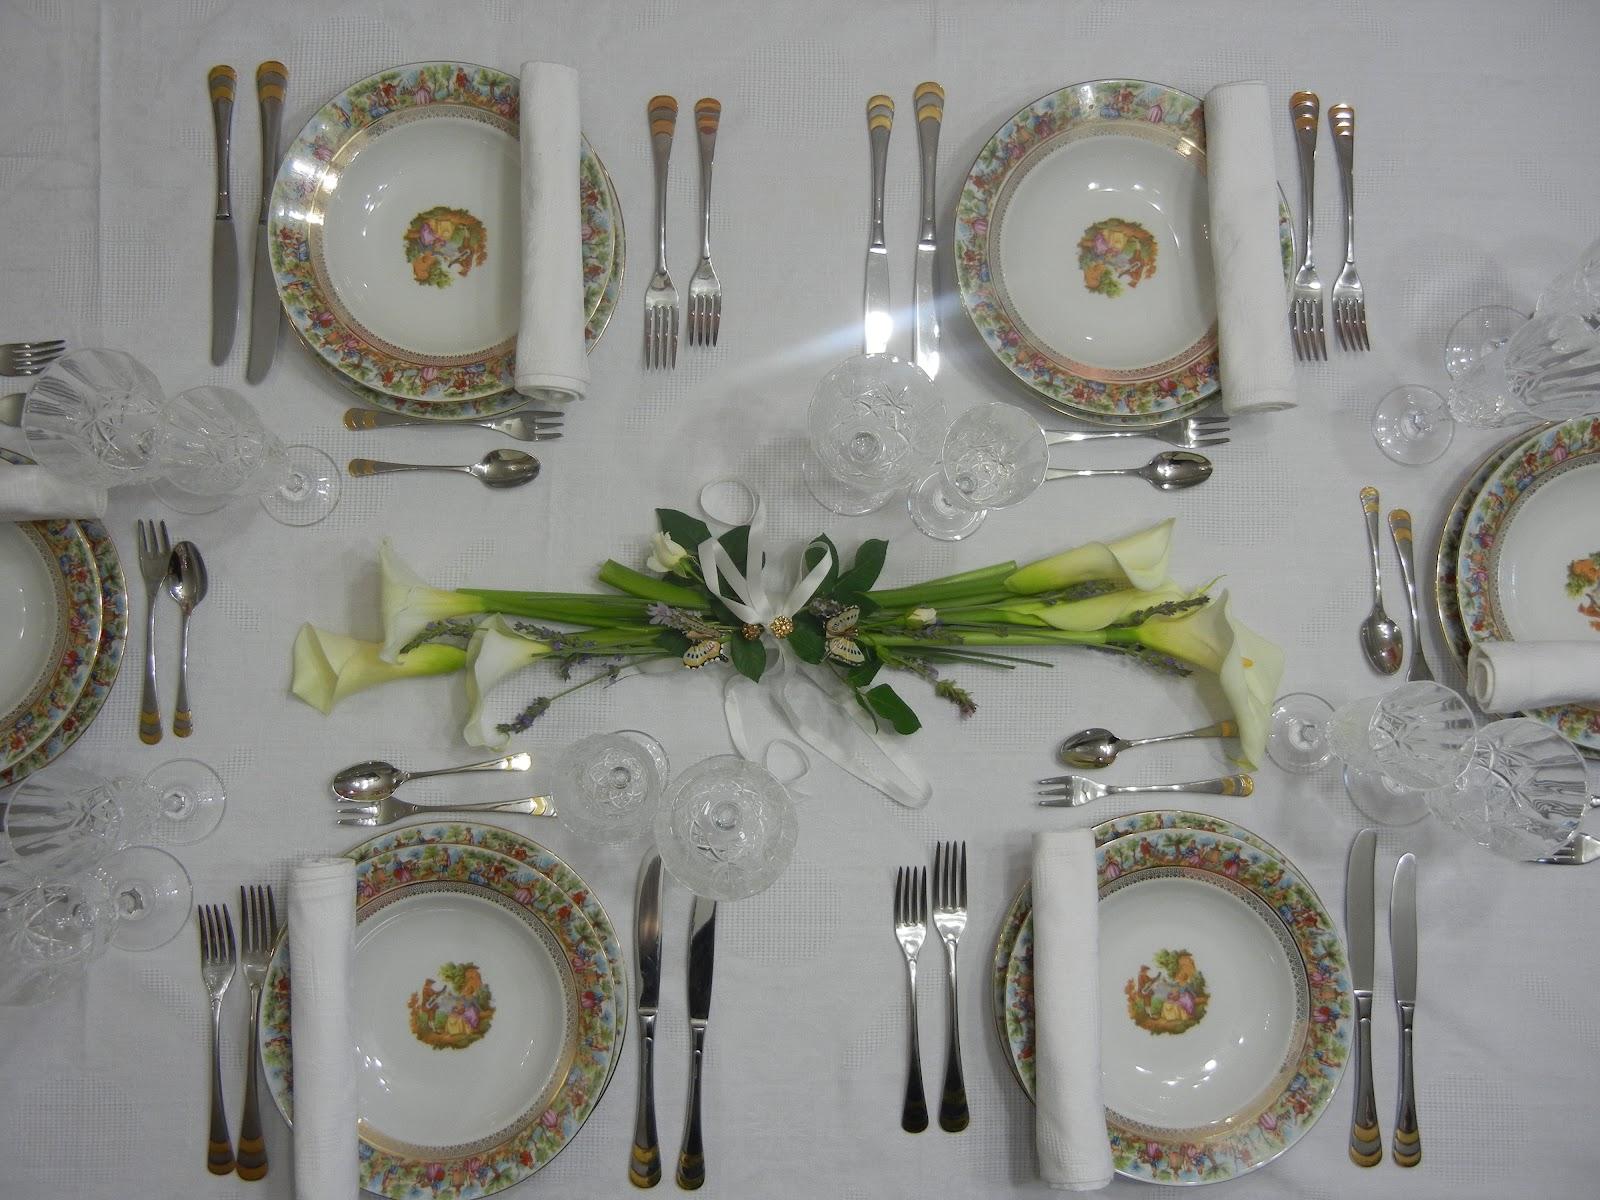 Loro in tavola una tavola elegante per la prima comunione - Apparecchiare una tavola elegante ...